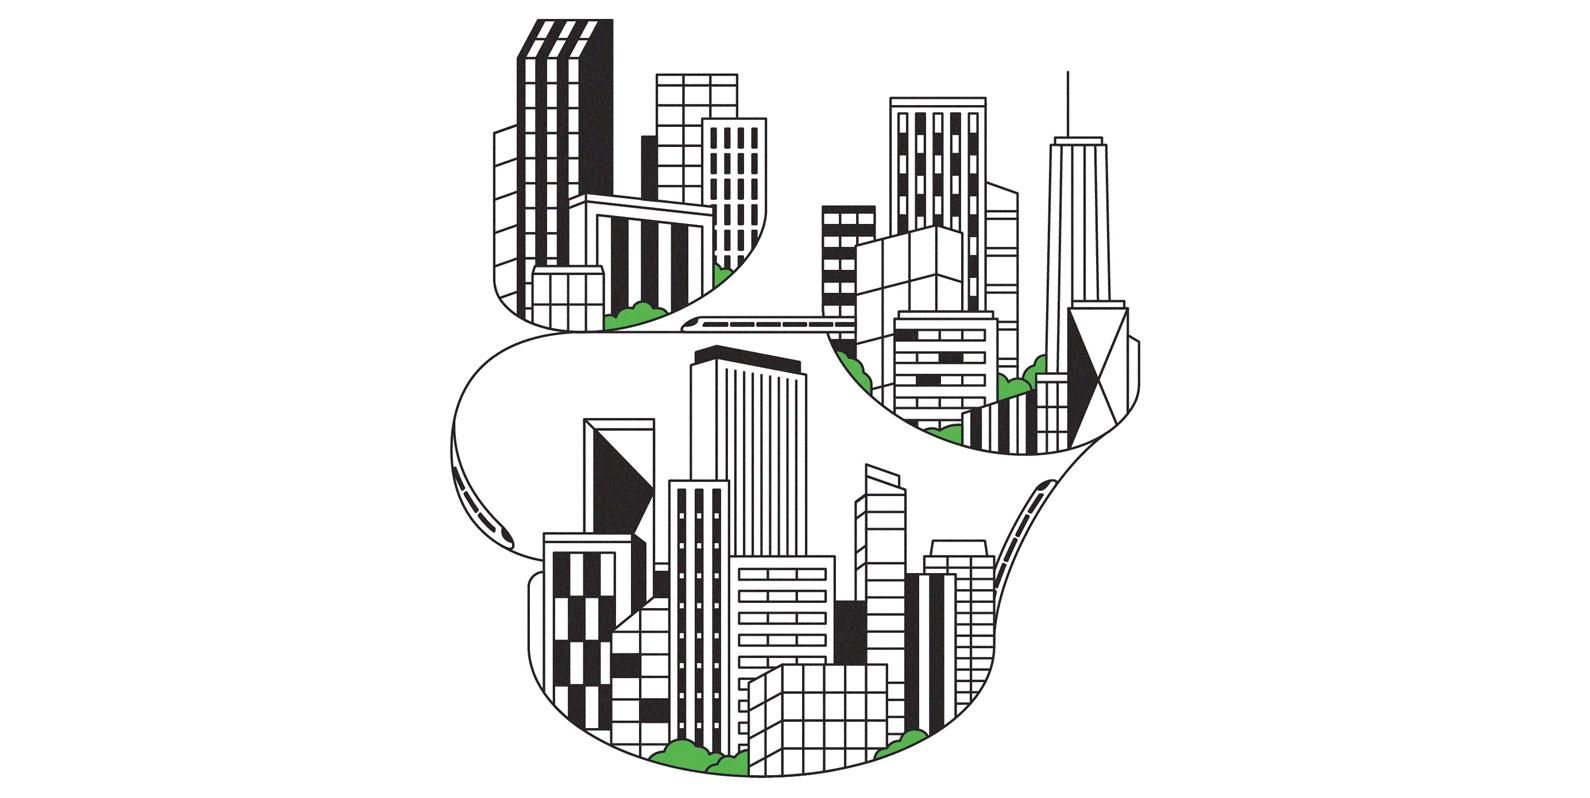 O que é maior do que uma megacidade? Aglomerados urbanos planejados da China